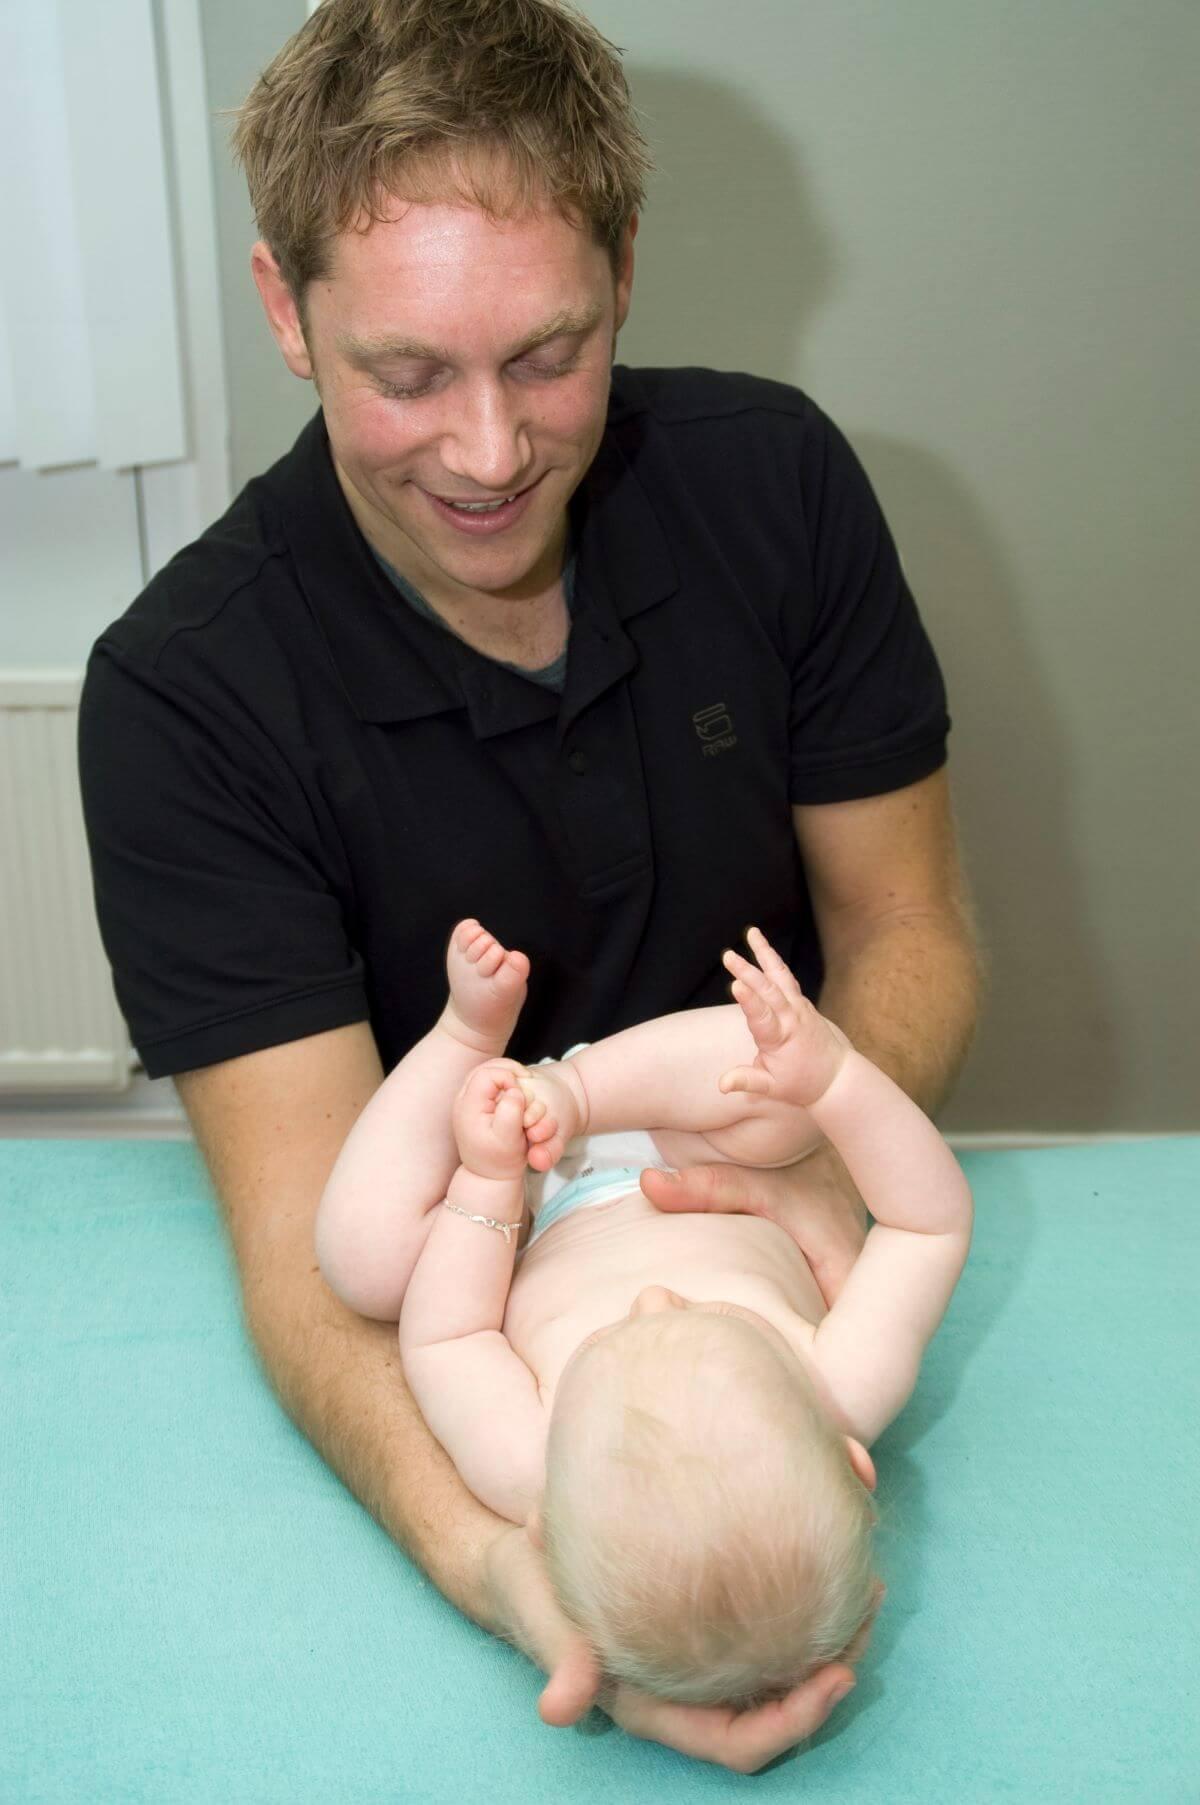 foto 1 kind aangepast Meerveld Osteopathie Leiden afbeelding